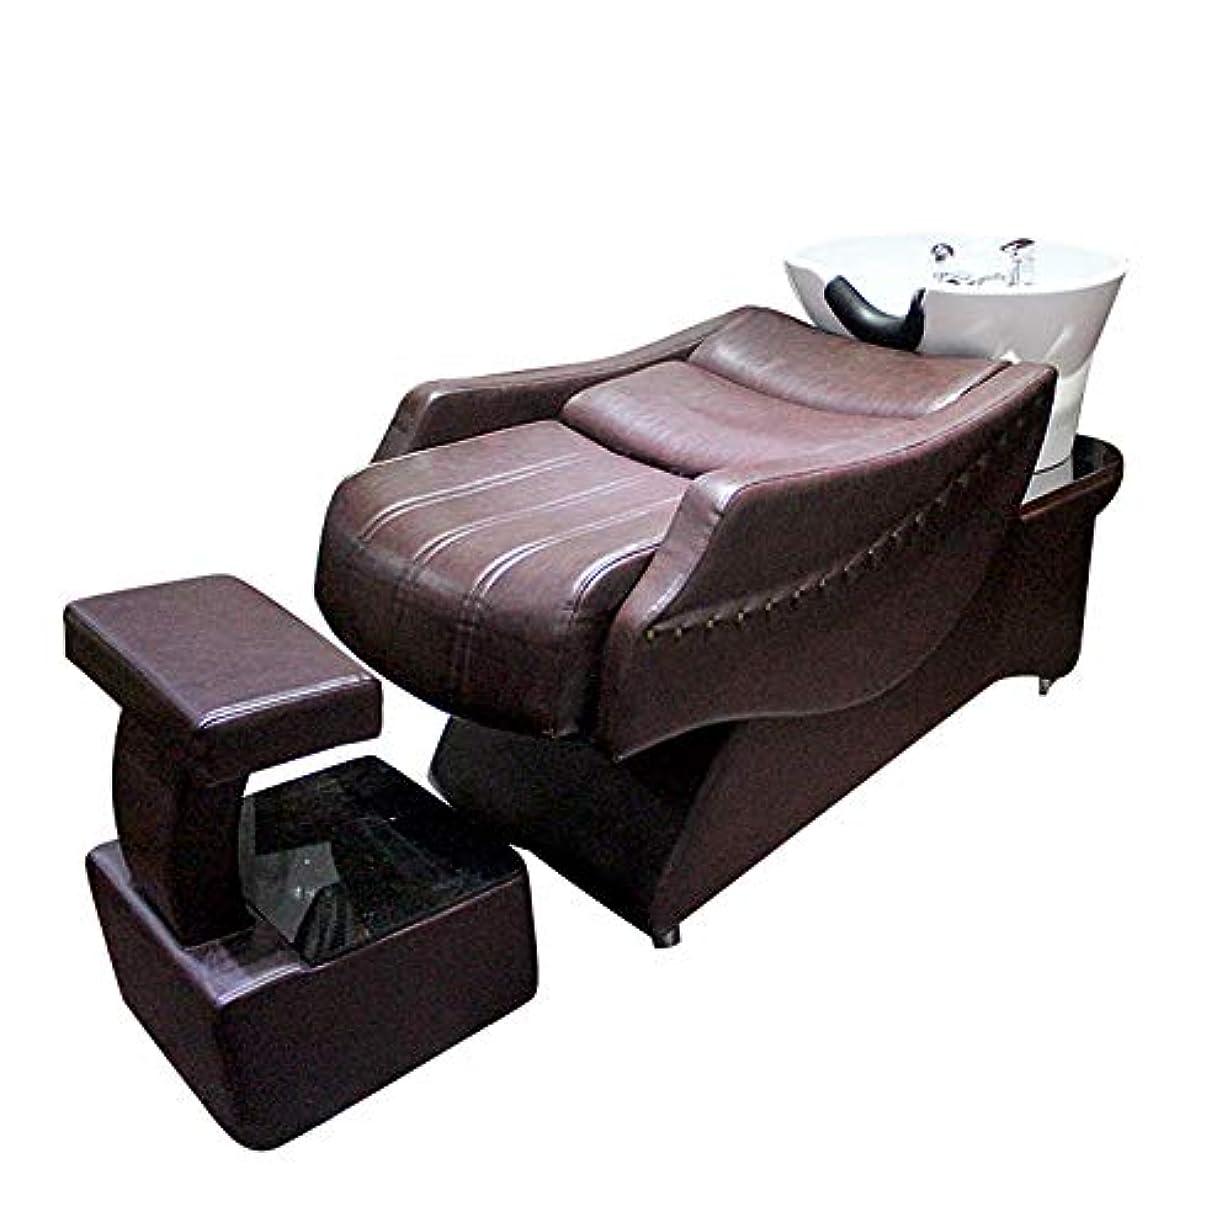 勉強する秘書ローマ人シャンプーチェア、半横になっているシャンプーベッドの逆洗ユニットシャンプーボウル理髪シンクシンクチェア用スパ美容院機器